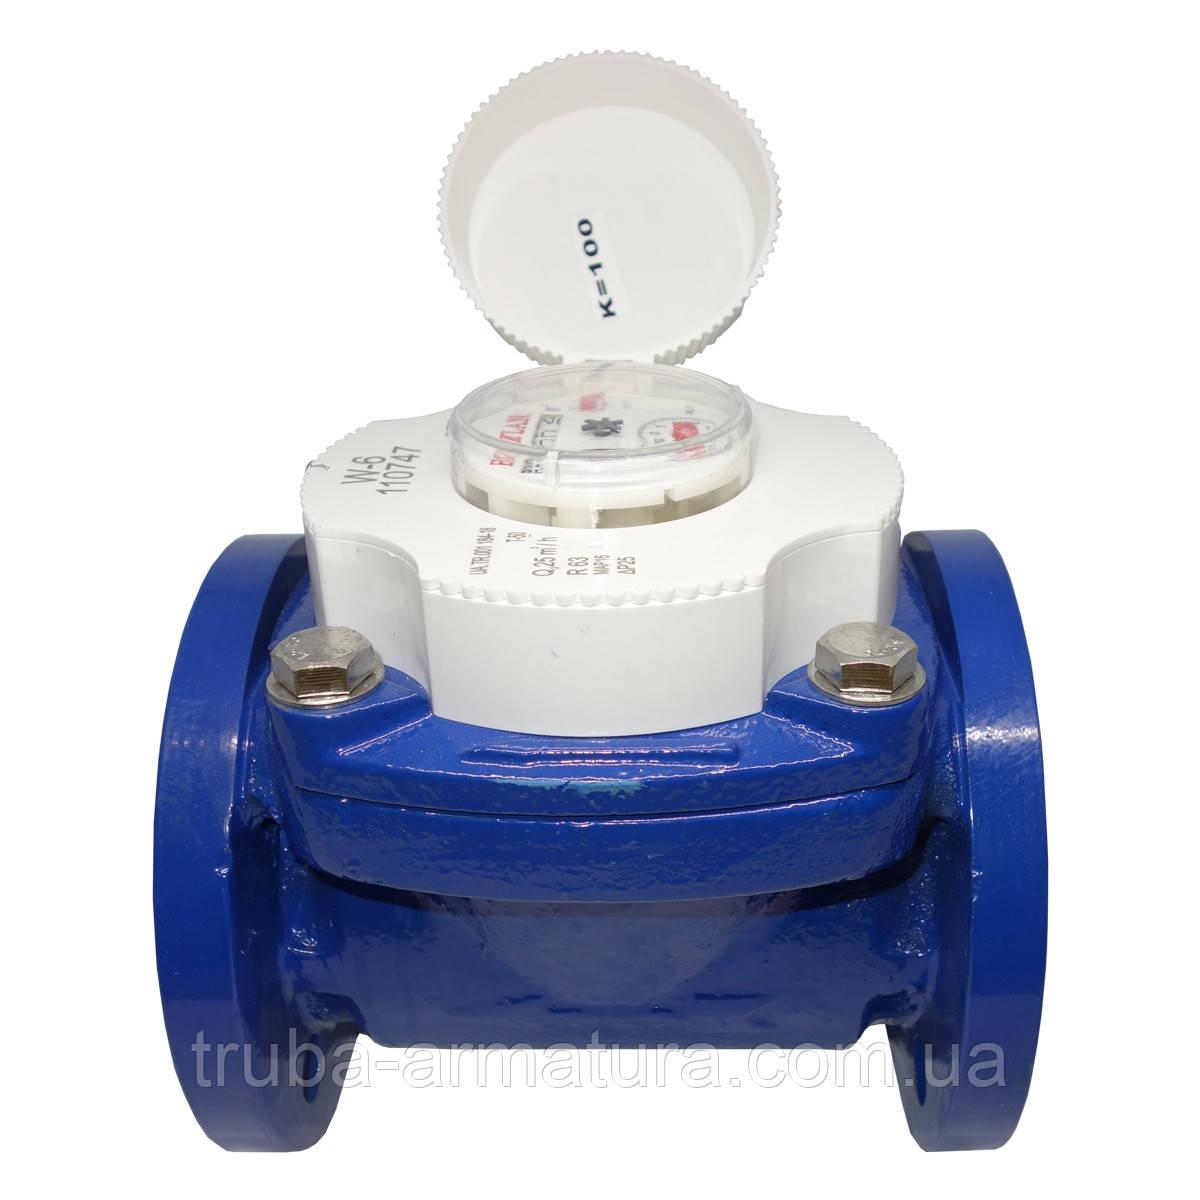 Счетчик воды турбинный фланцевый Baylan W-1 Ду 80